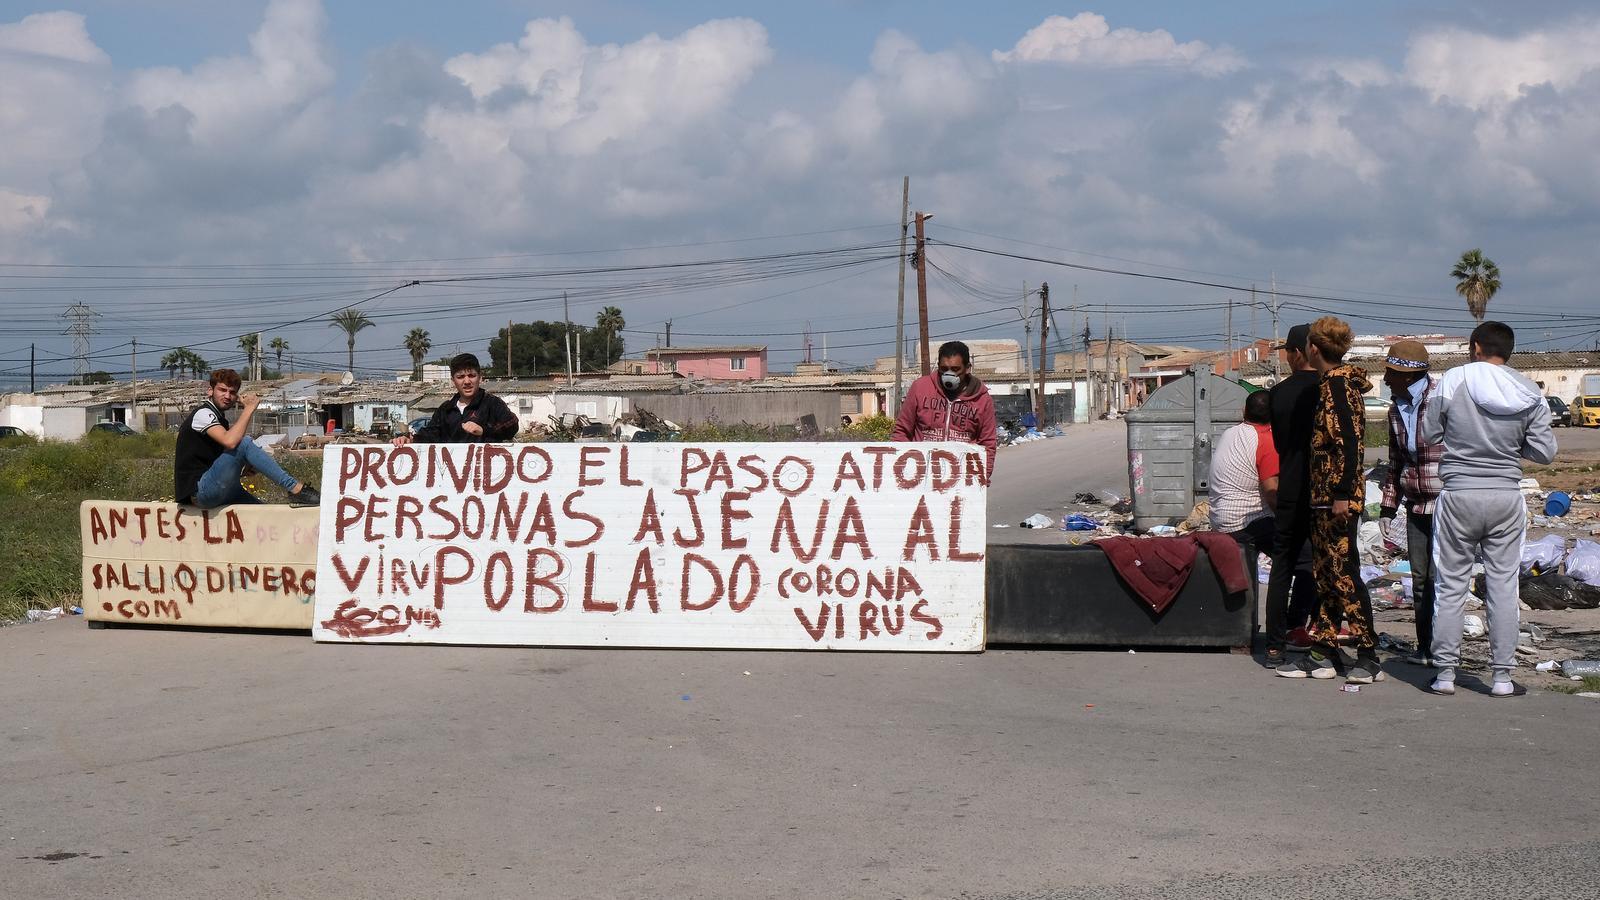 Entrada del poblat de Son Banya, a Palma, durant la crisi pel coronavirus